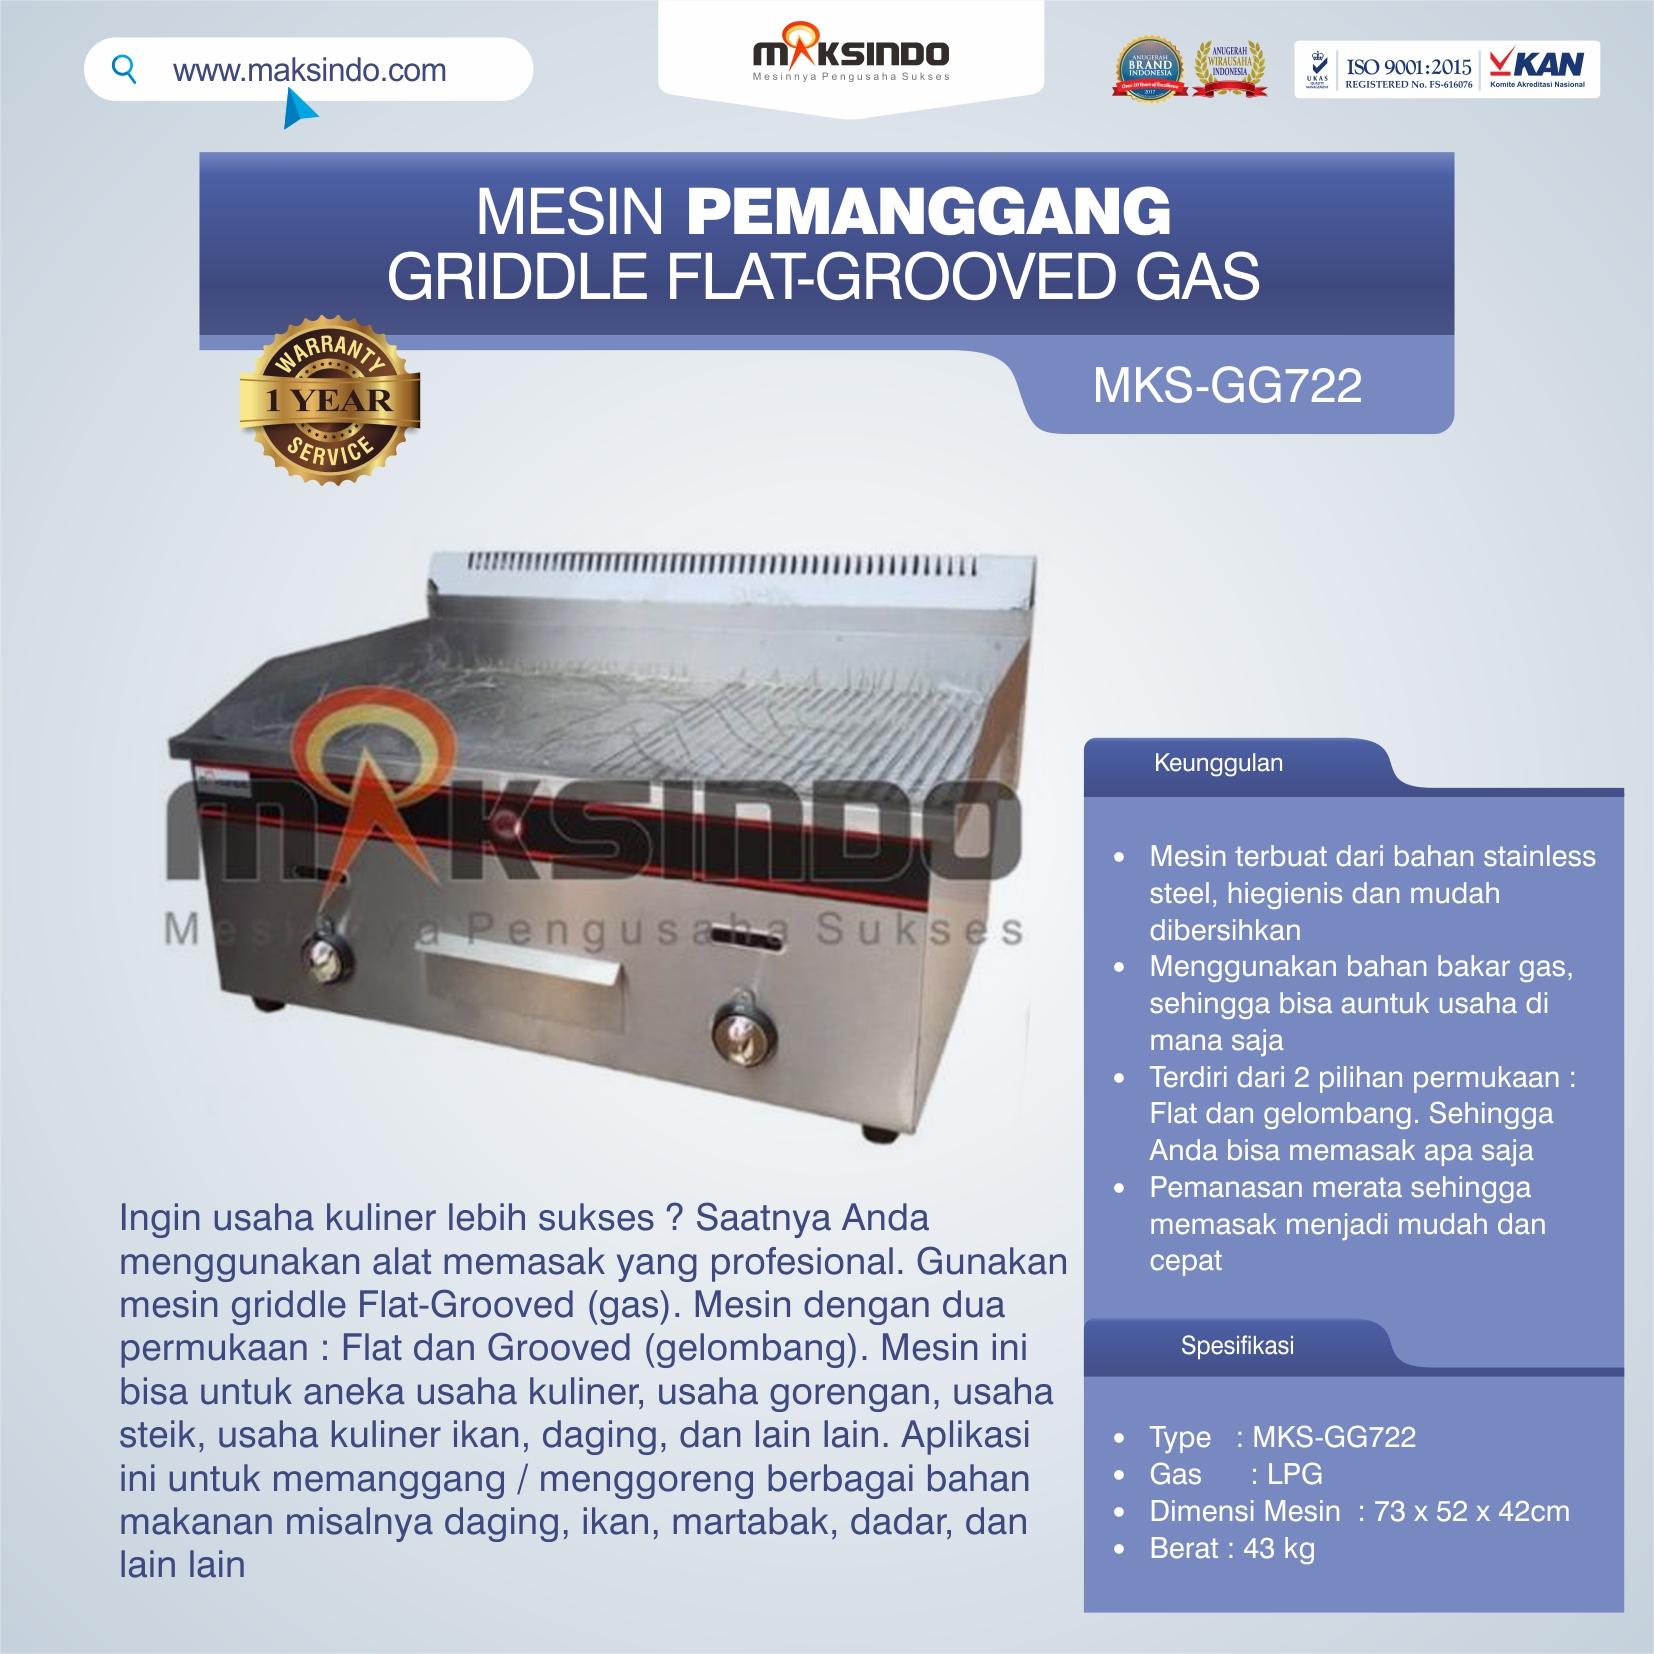 Jual Pemanggang Griddle Flat-Grooved Gas (GG722) di Tangerang